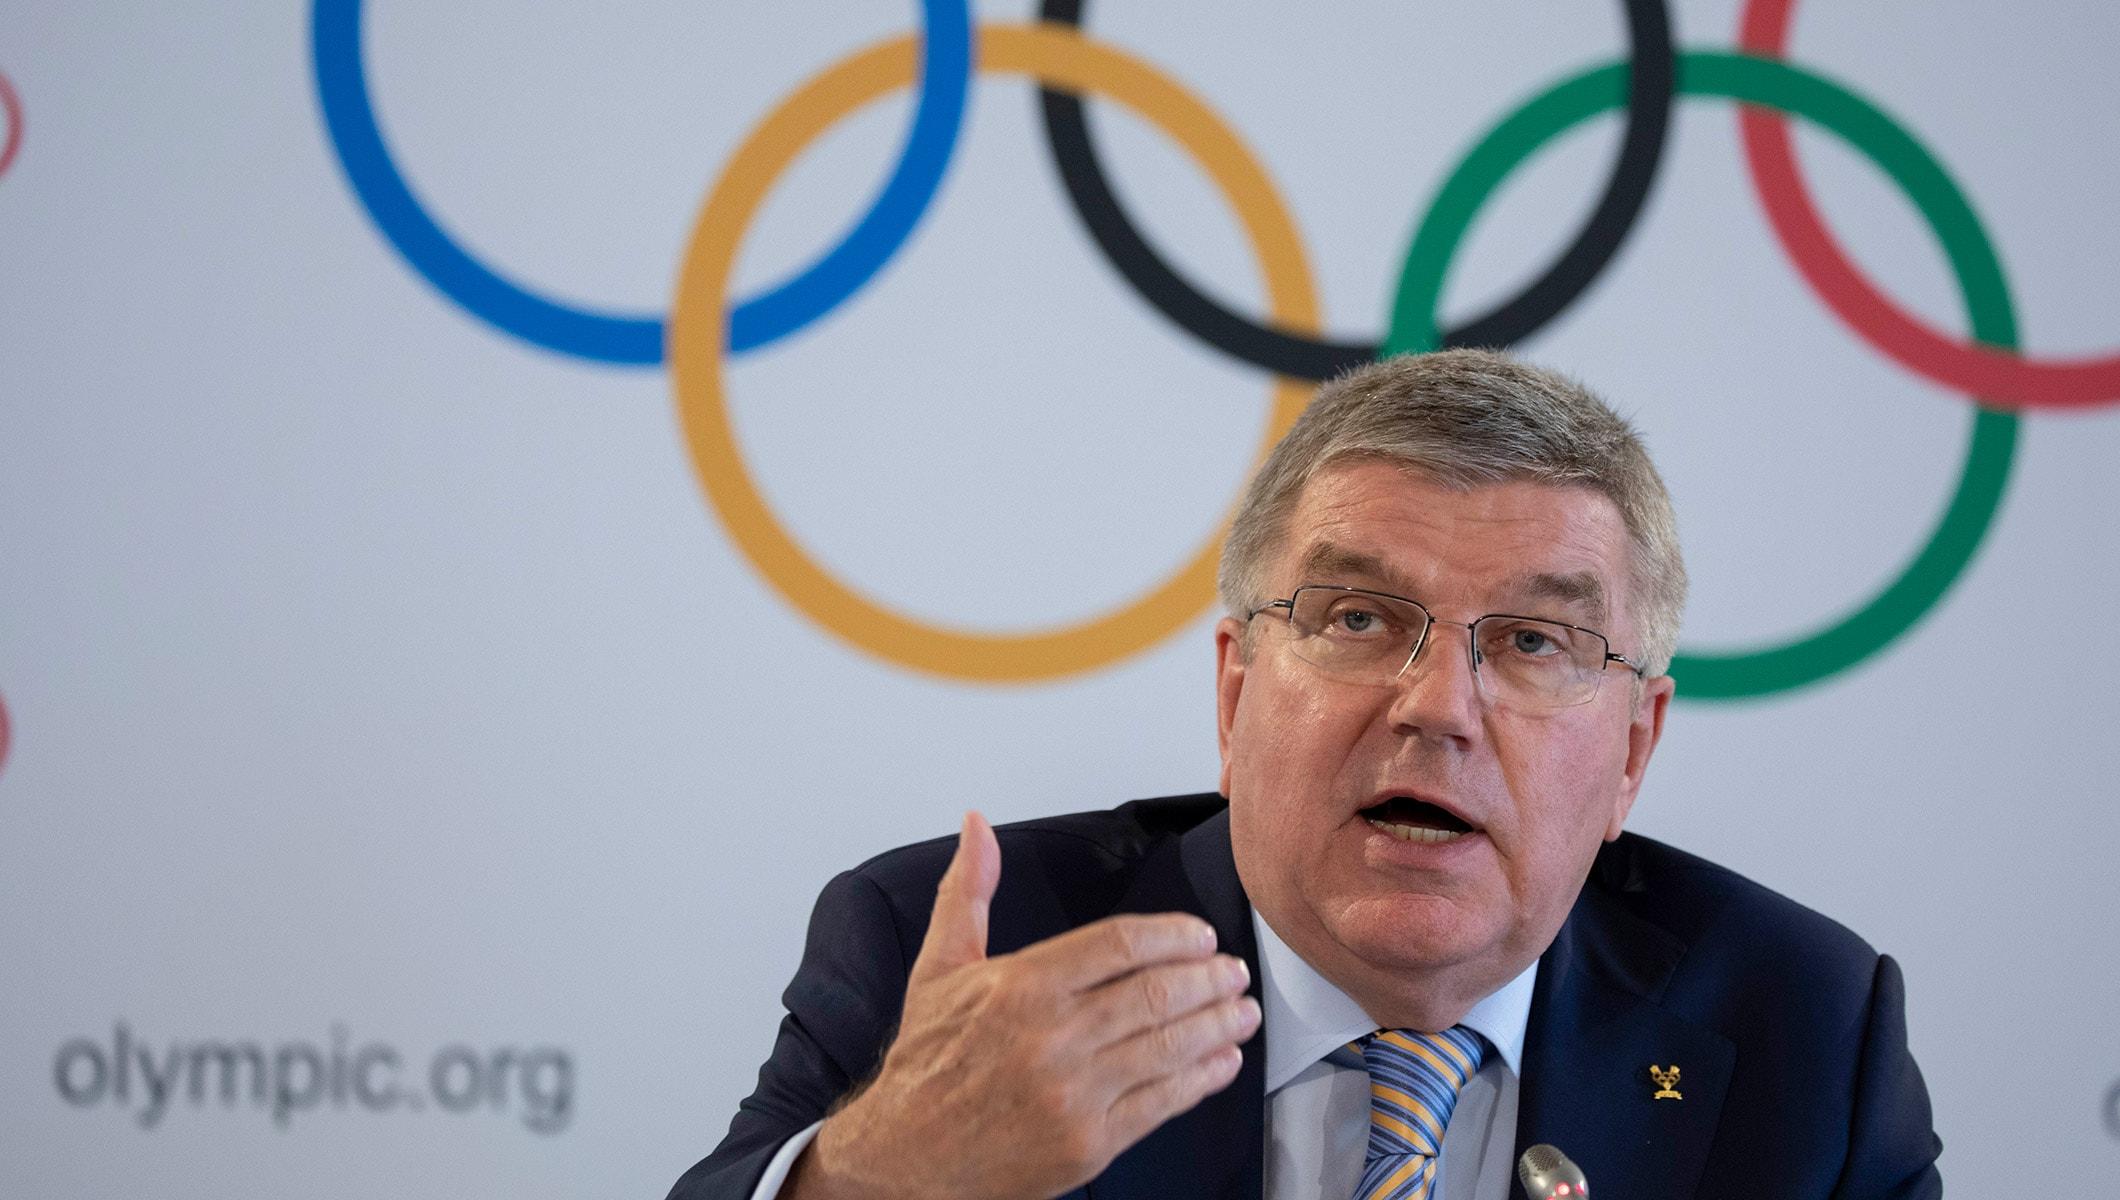 IOC President Thomas Bach July 2018